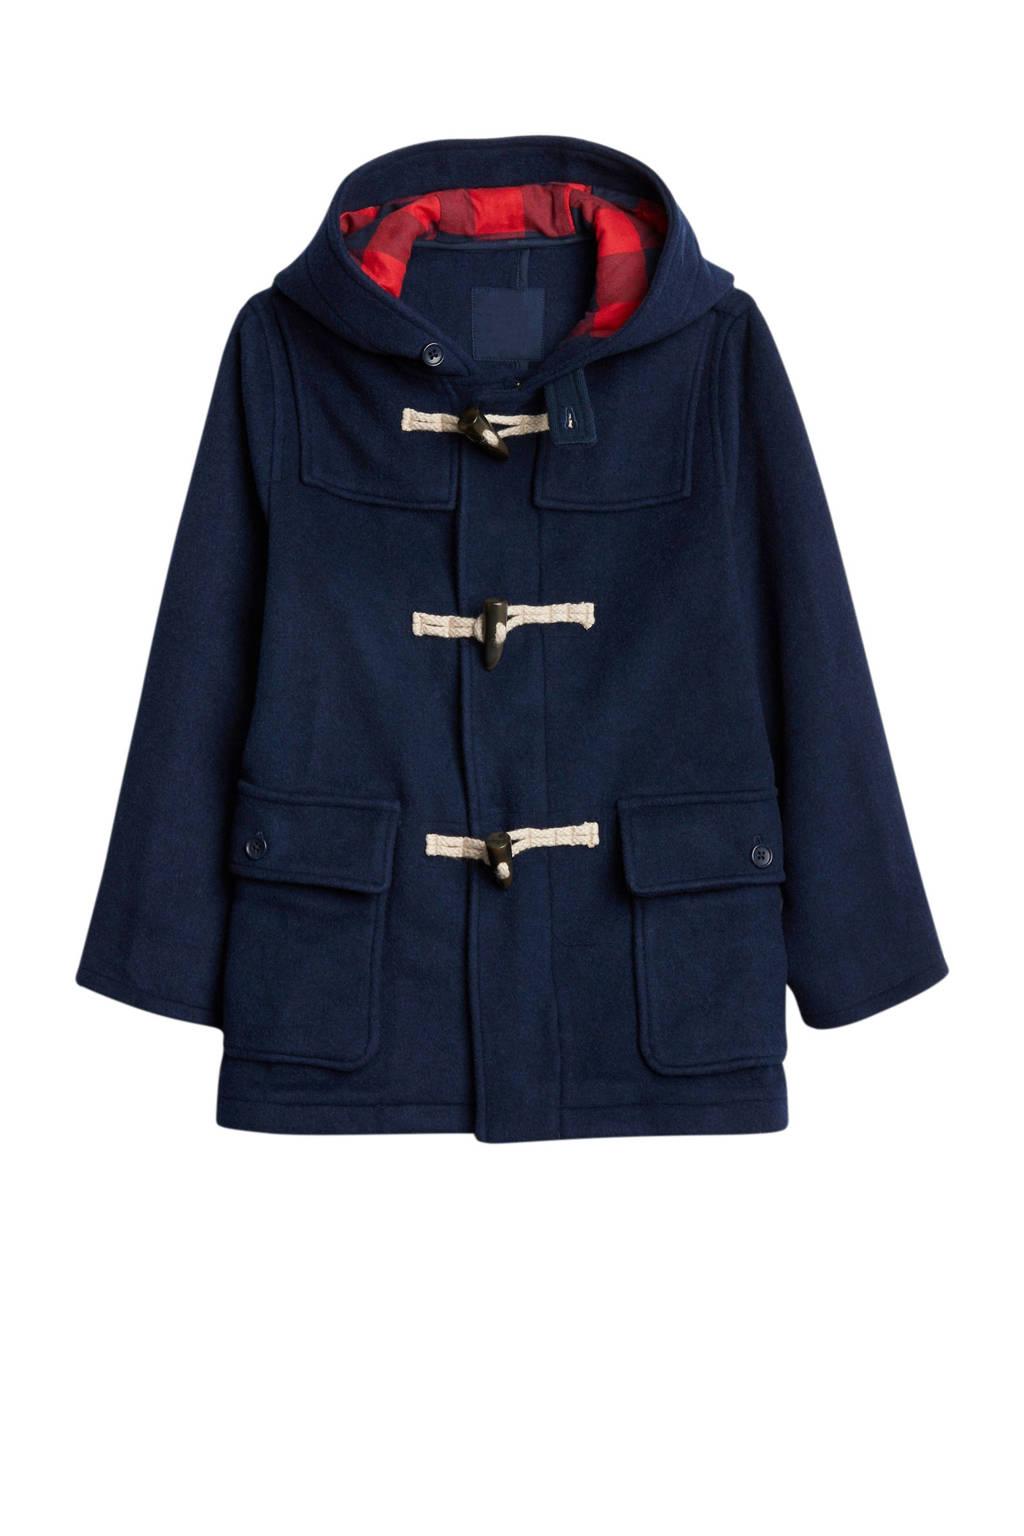 GAP winterjas donkerblauw, Donkerblauw